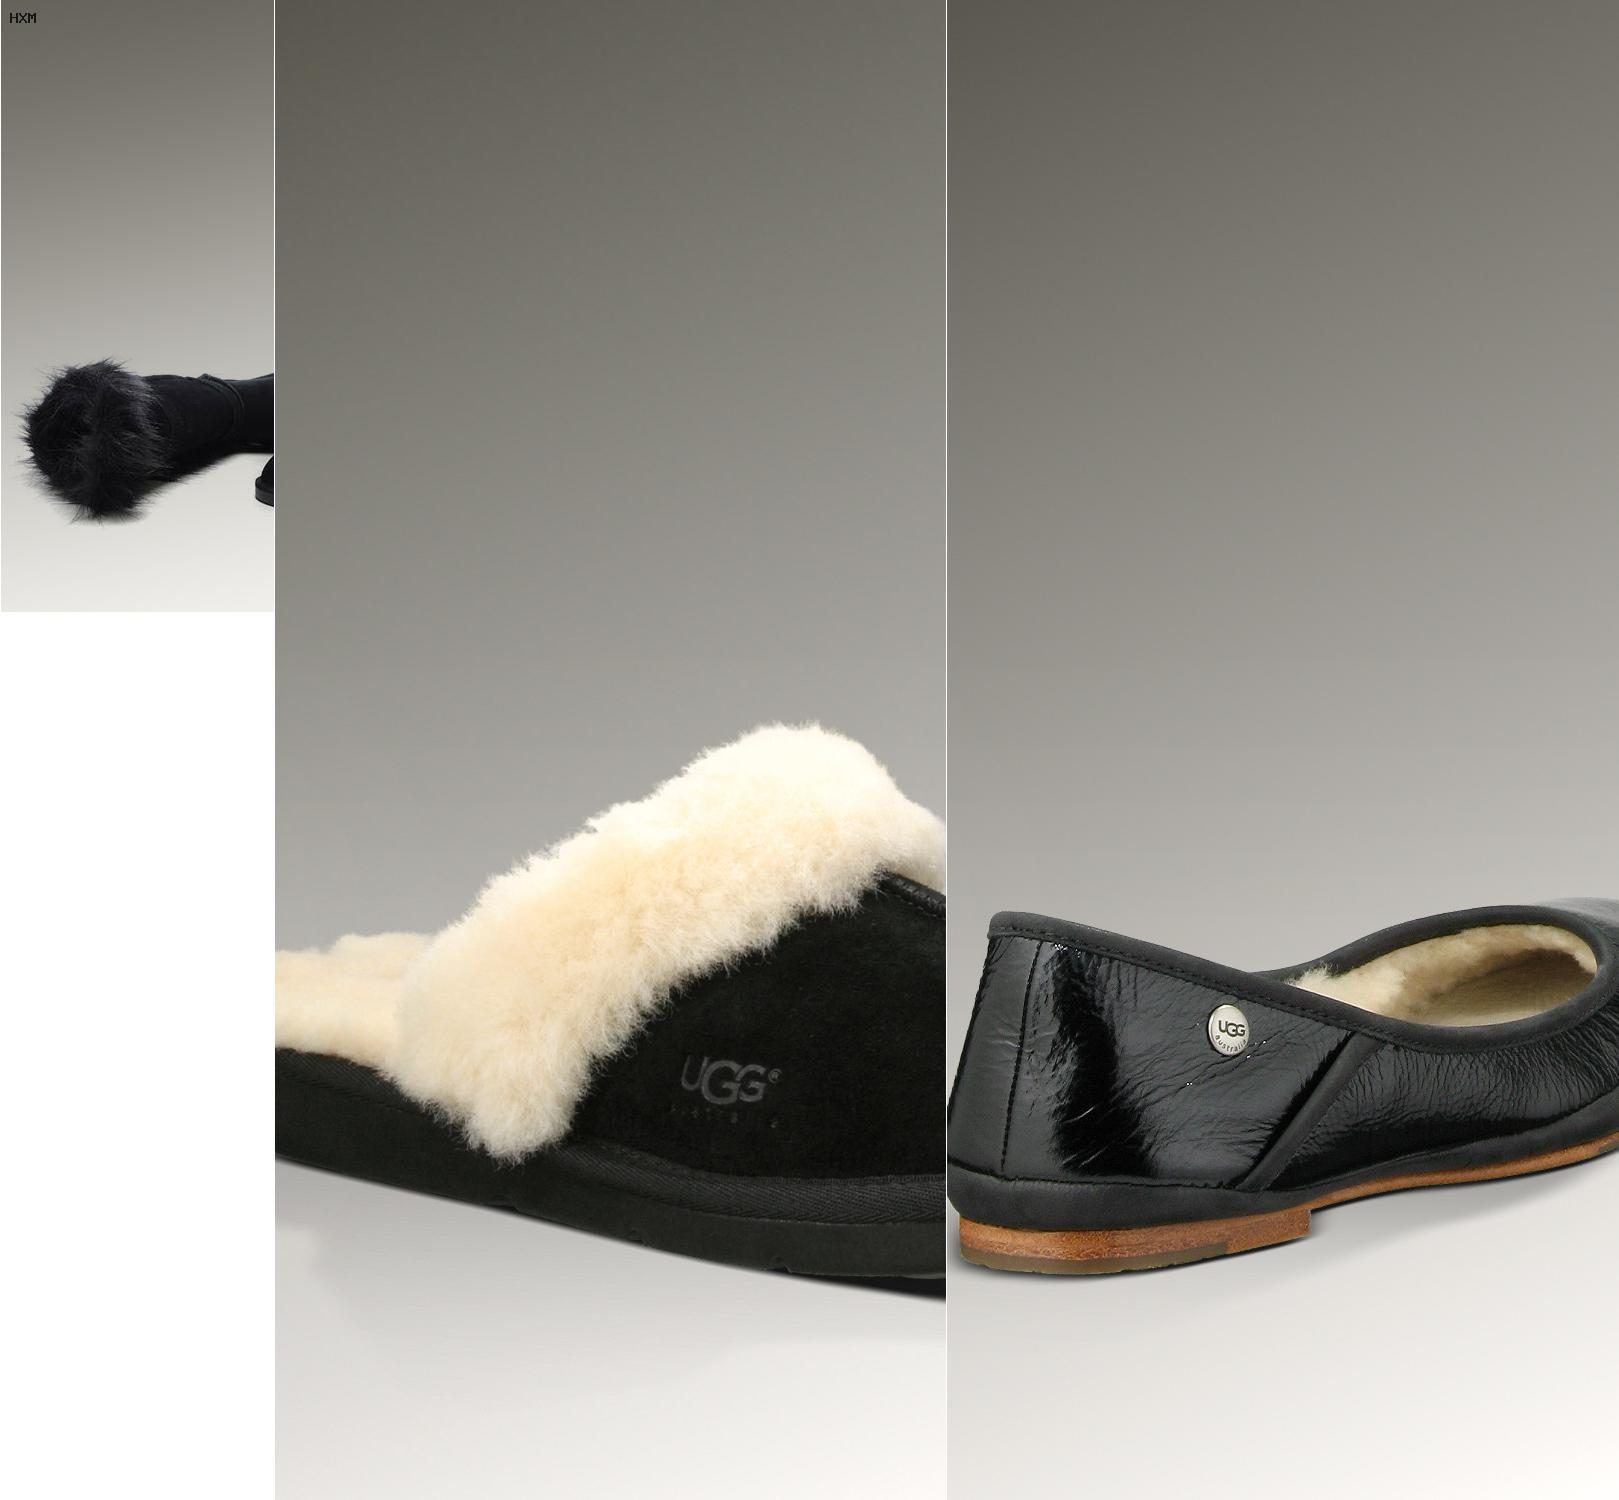 ugg scarpe prezzi